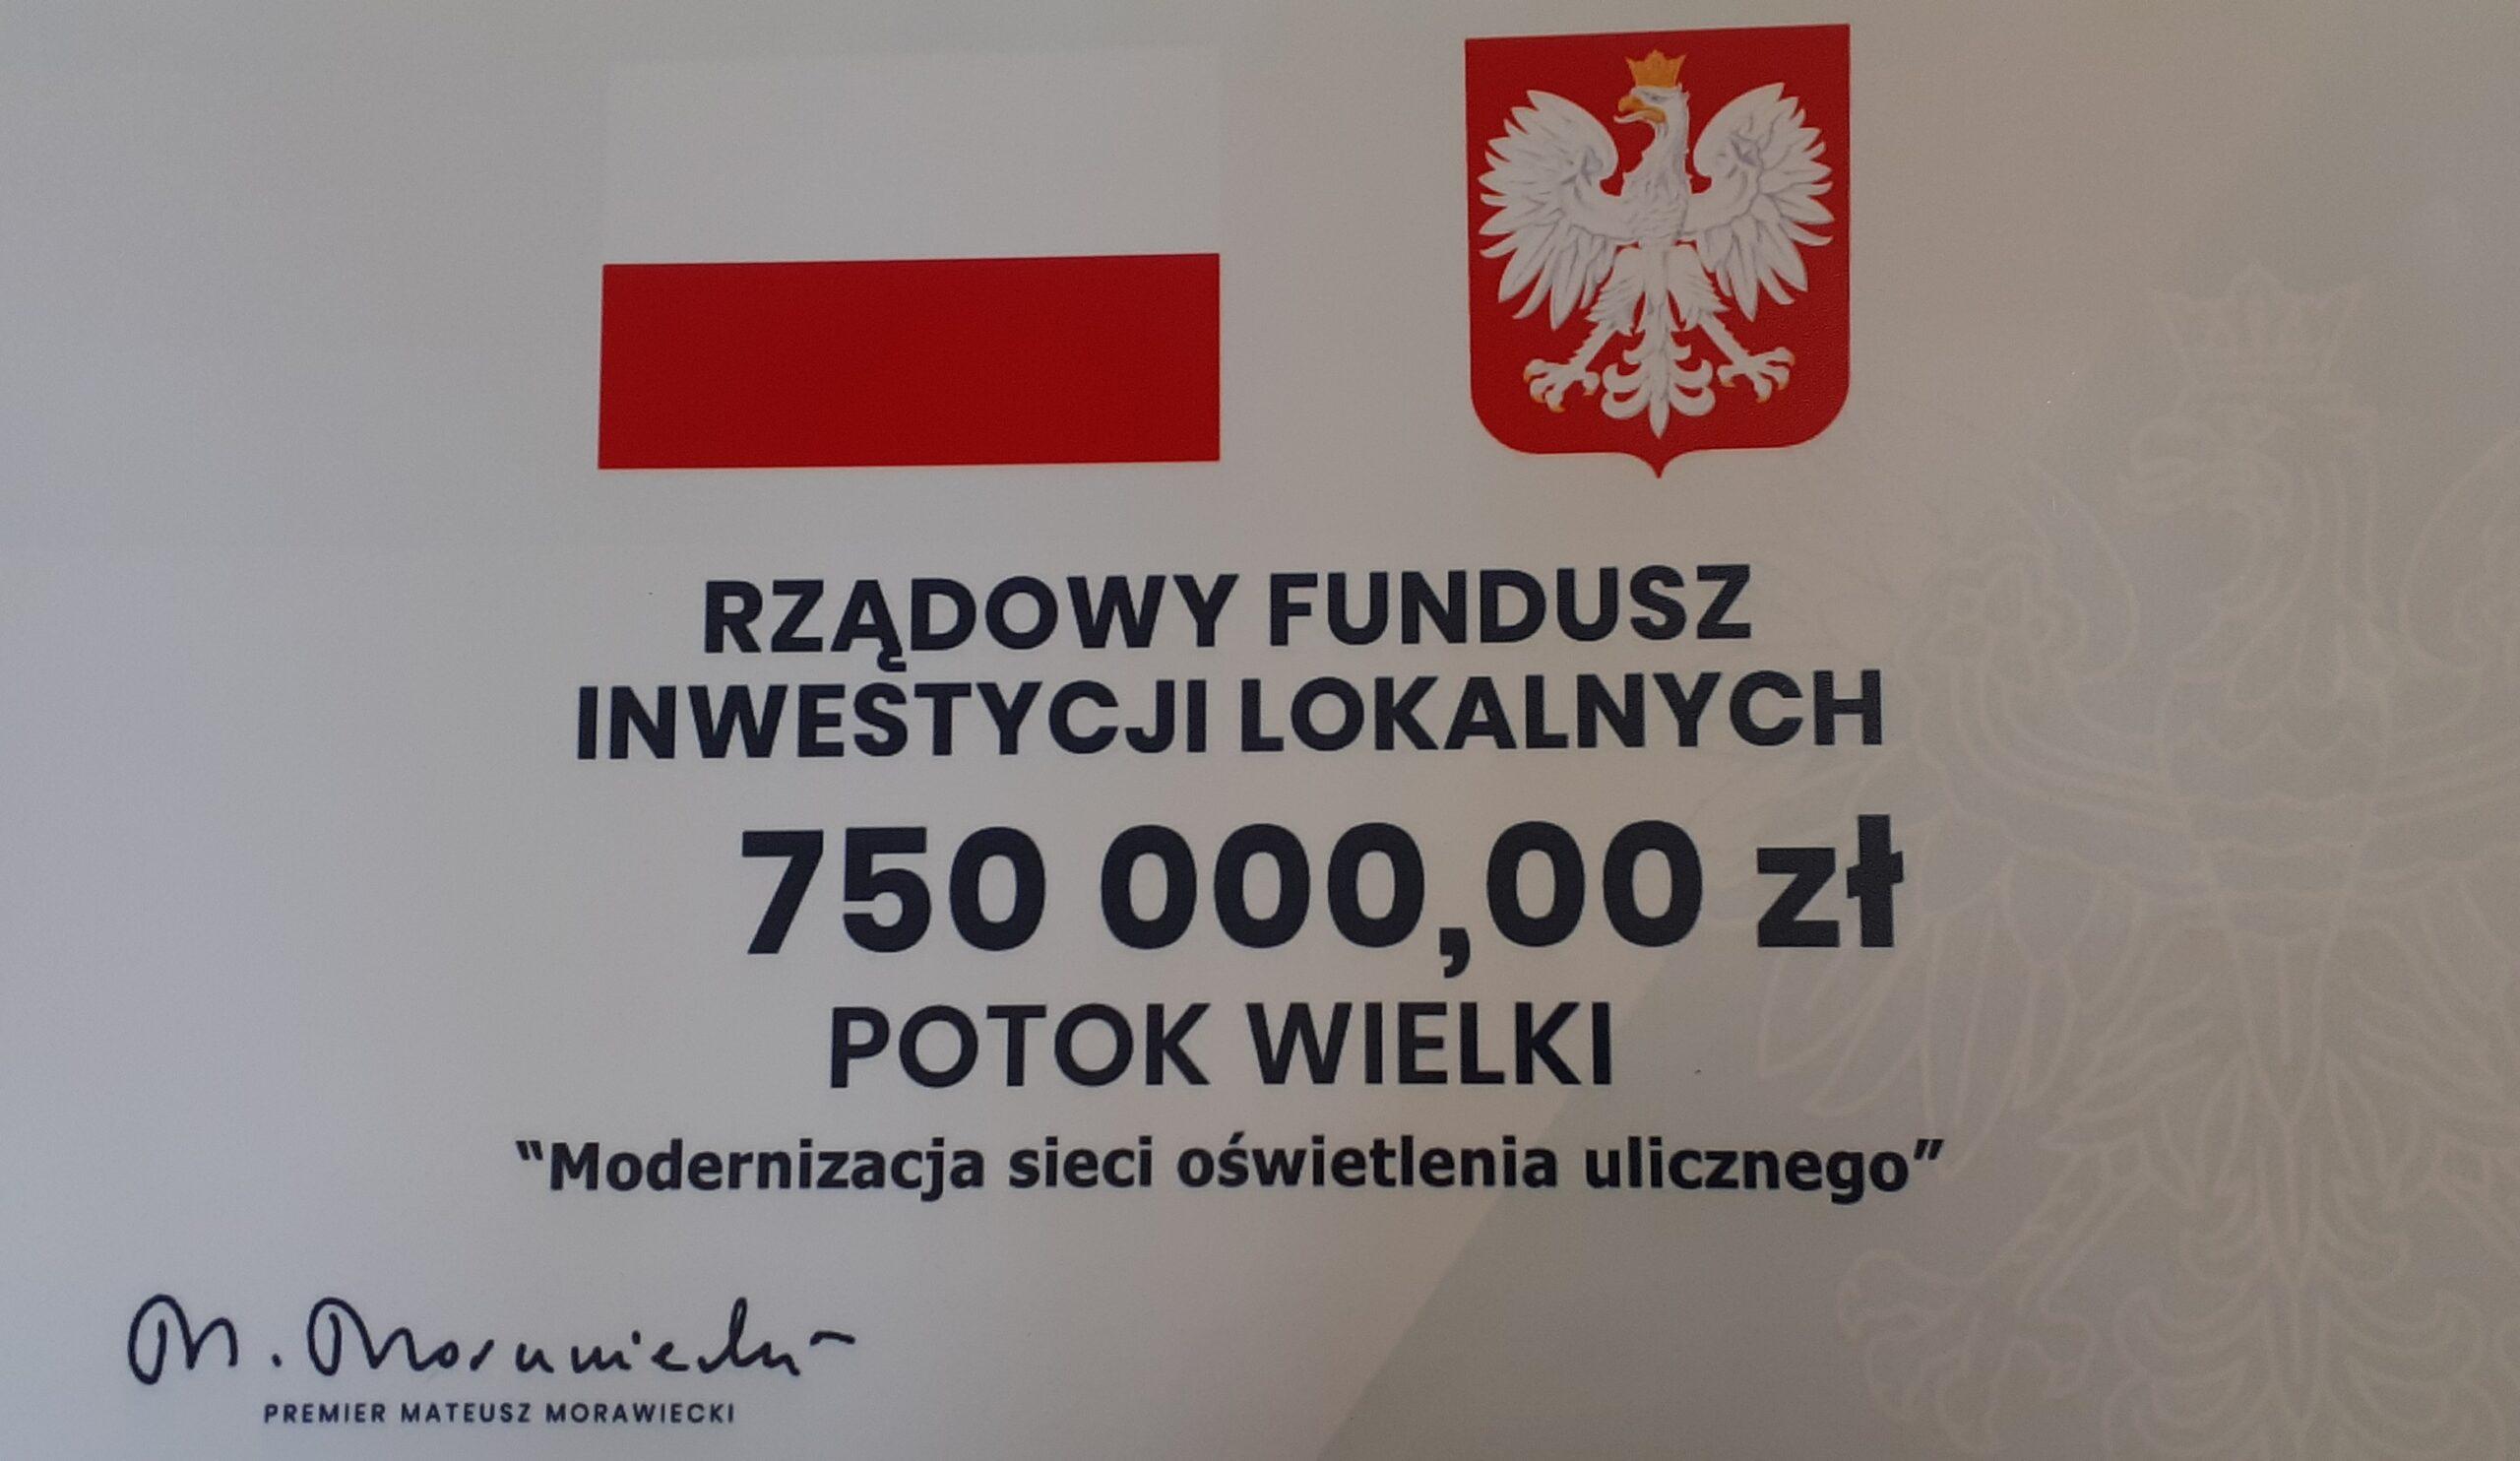 rządowy fundusz inwestycyji lokalnych